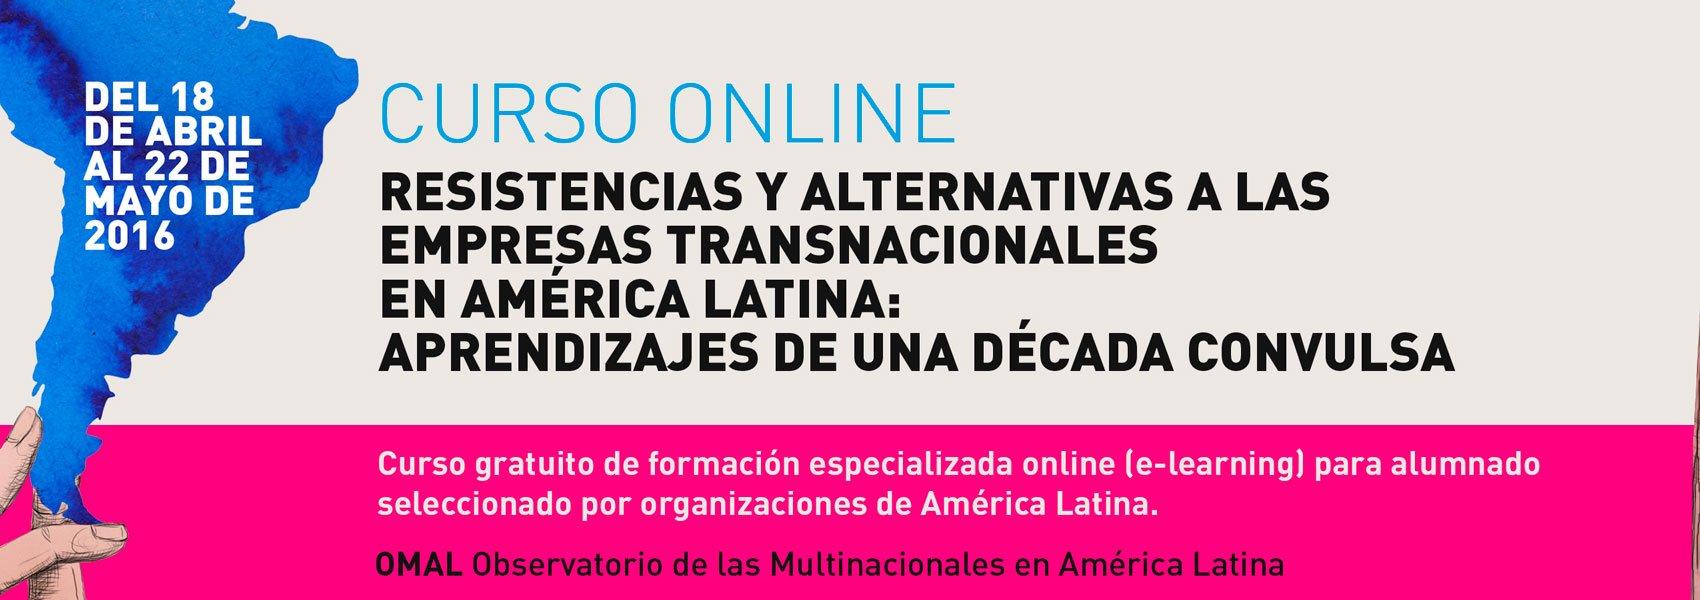 Curso online Resistencias y Alternativas a las empresas transnacionales en América Latina. Aprendizajes de una Década Convulsa